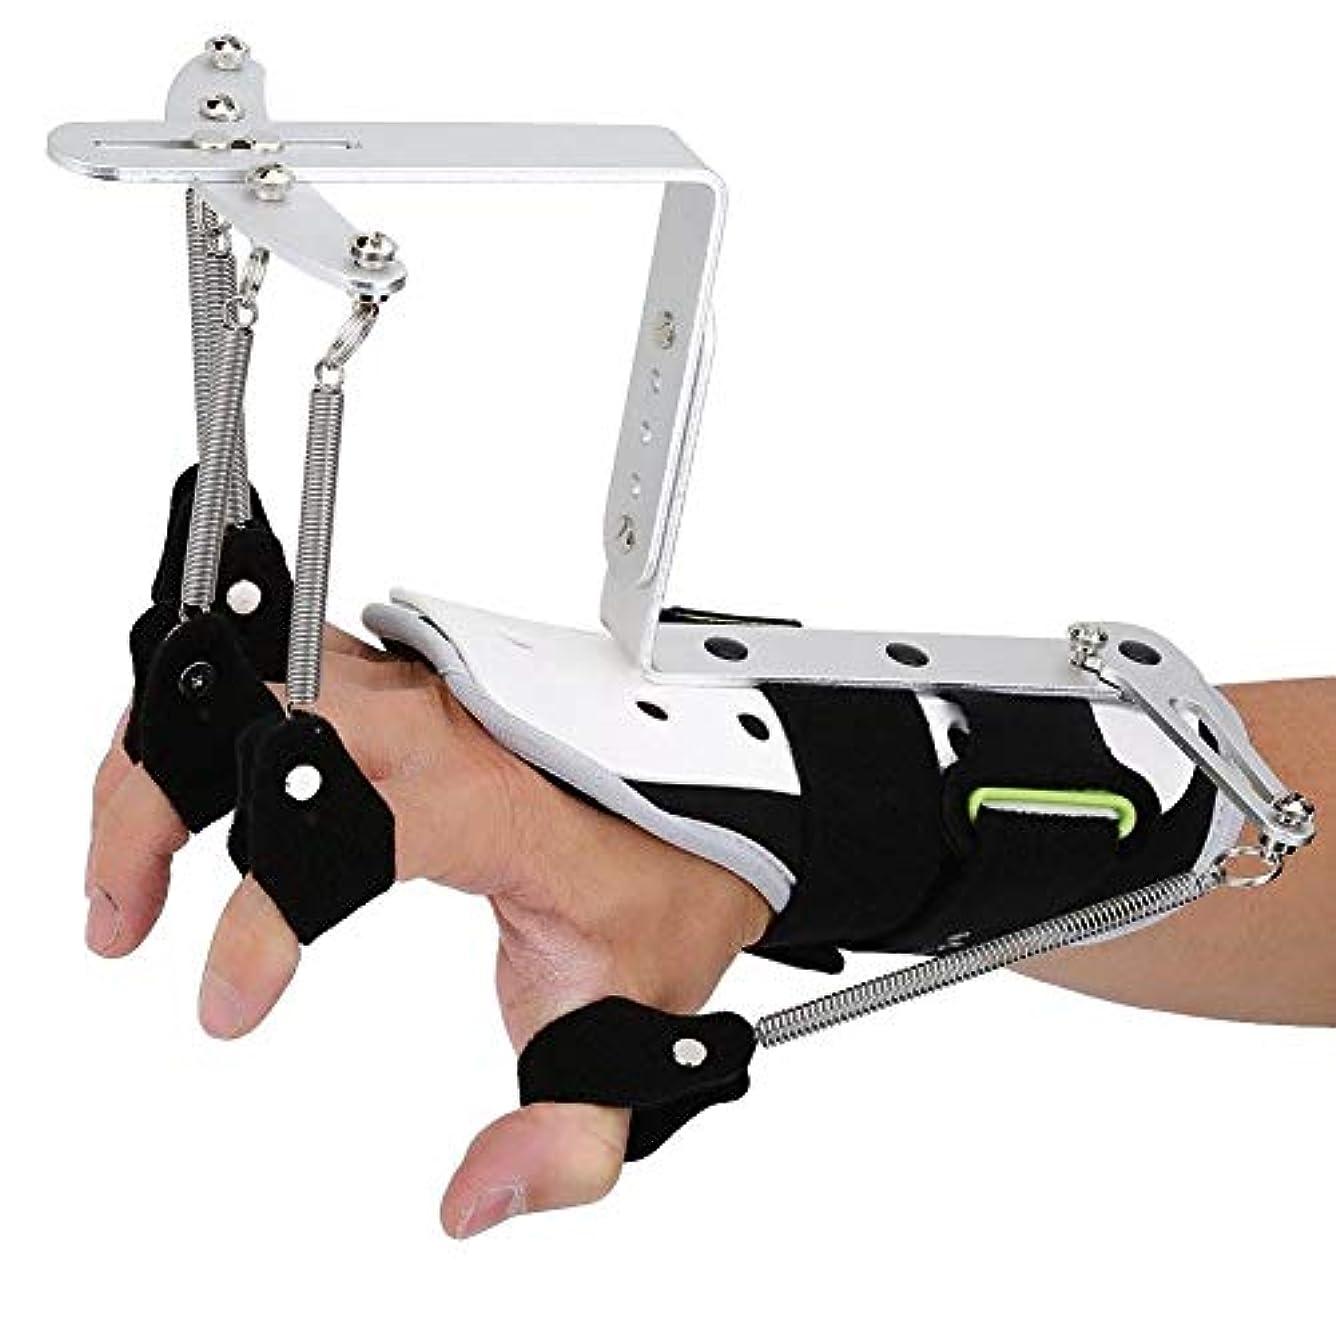 記念品コマンドスタウト脳卒中片麻痺患者の指損傷サポート、指リハビリテーション副木サポート手首矯正トレーニング機器